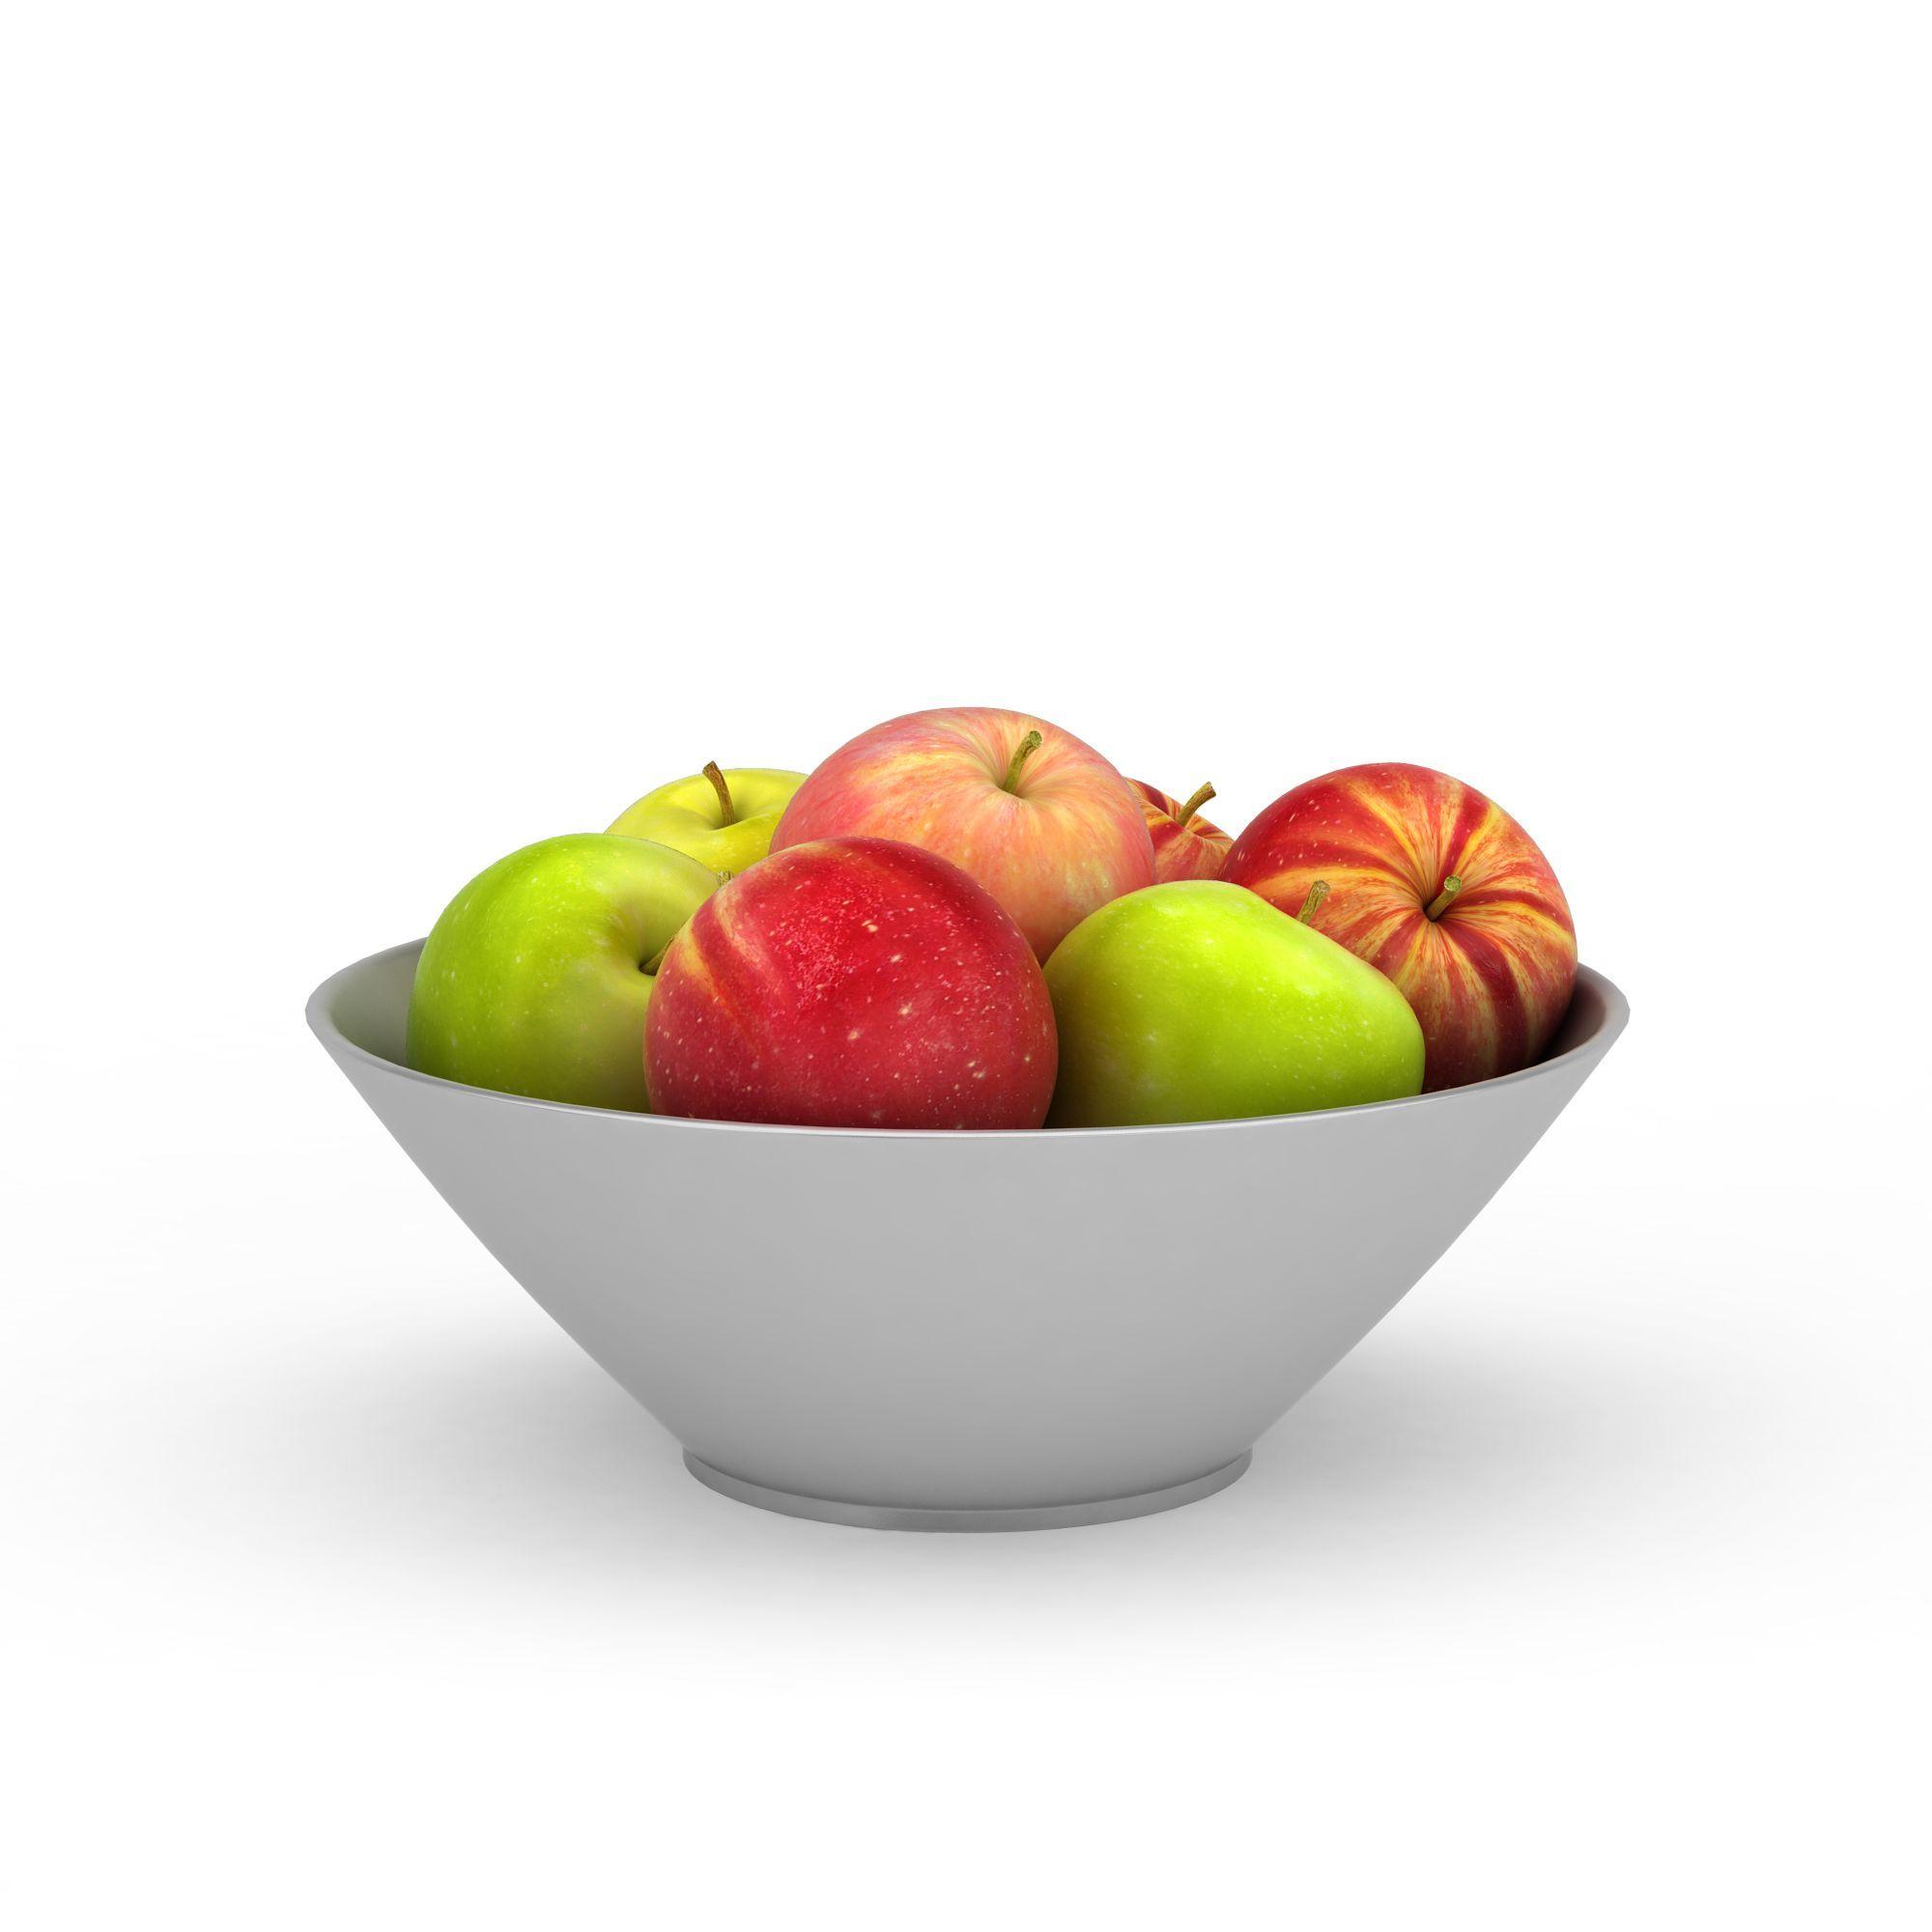 上传时间 2016/03/01  关键词:果盘3d模型客厅果盘3d模型水果拼盘3d